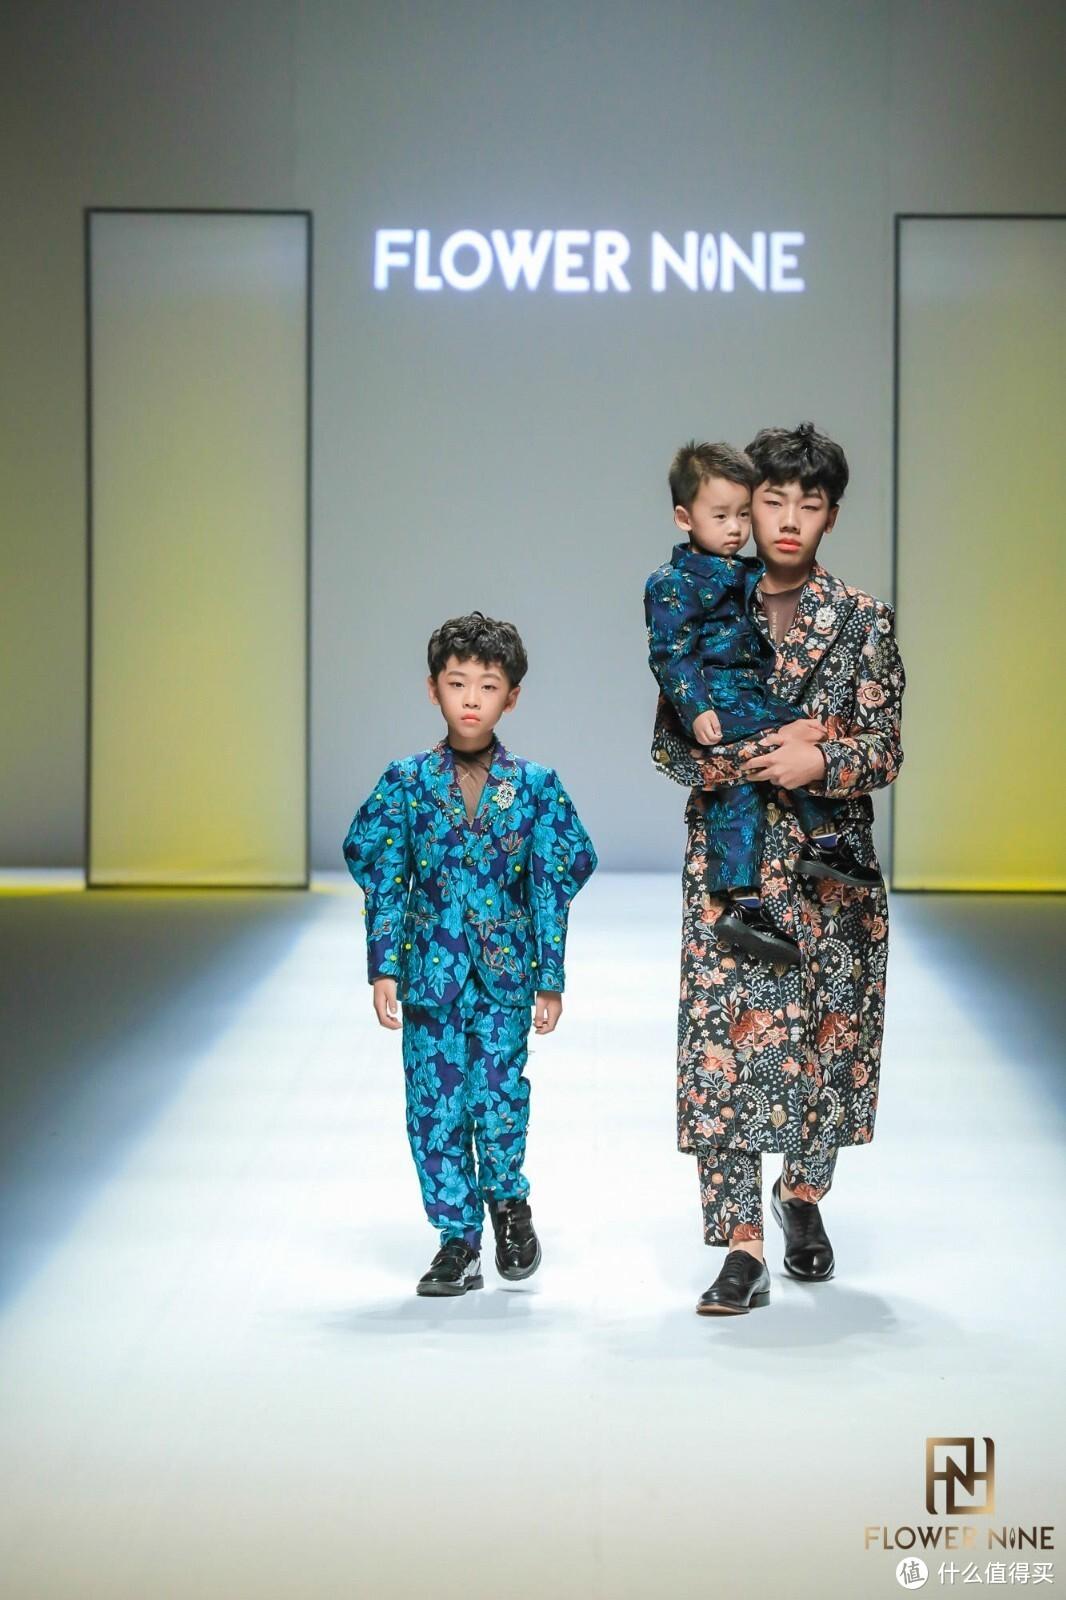 齐浚廷 | FLOWER NINE 2022 S/S中国国际时装周新品发布会